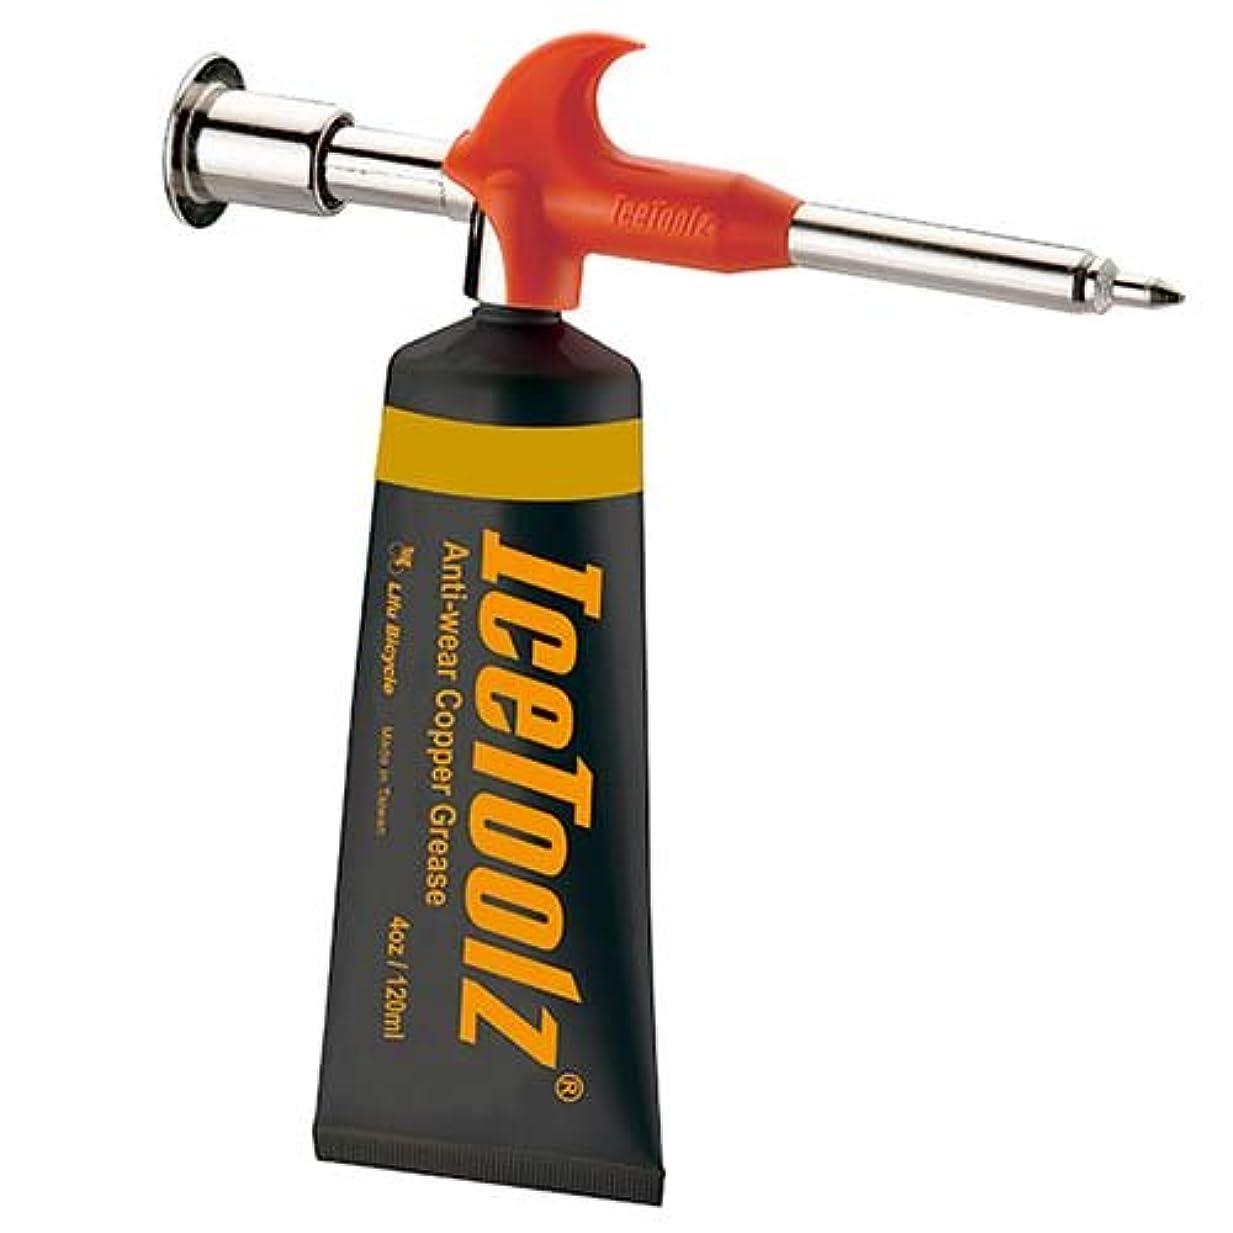 化学オピエート一流IceToolz(アイスツールズ) C272 グリースガンコンボセット オレンジ/シルバー